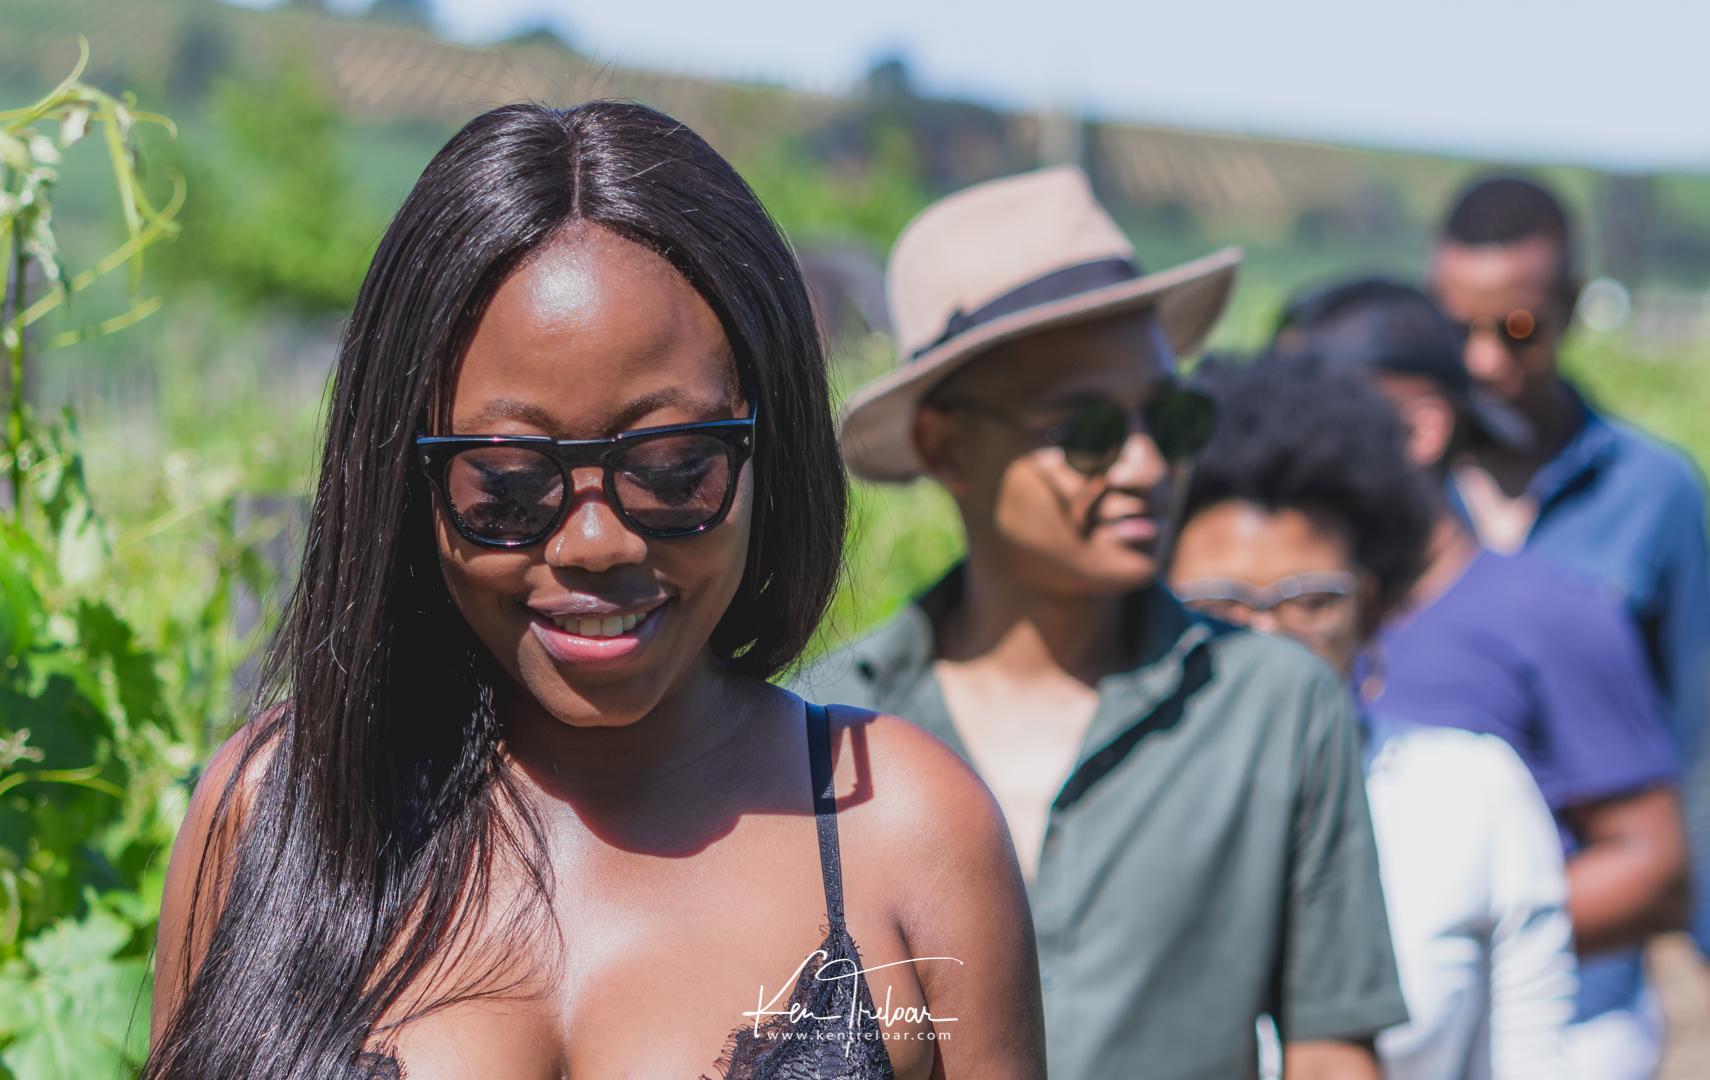 Ken Treloar Photography - Stellenbosch Brennaisance Best Friends photoshoot Cape Town B2-14.jpg